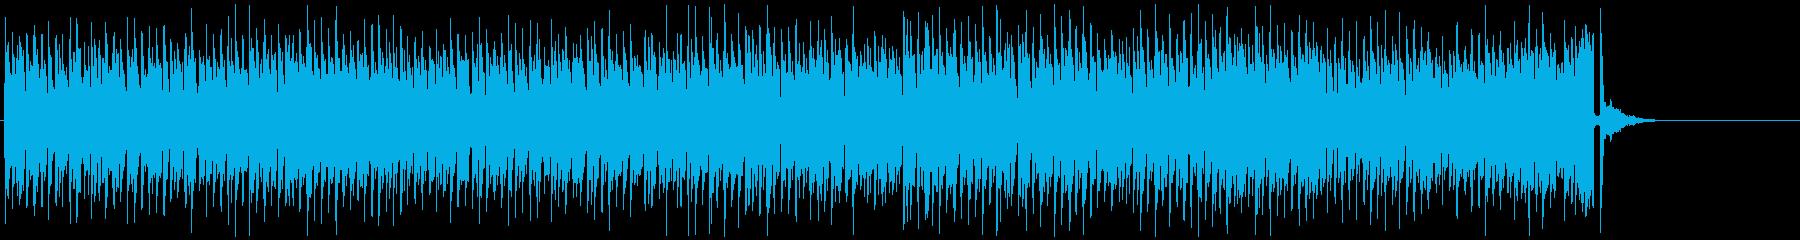 明るいエンディング用の可愛い曲の再生済みの波形